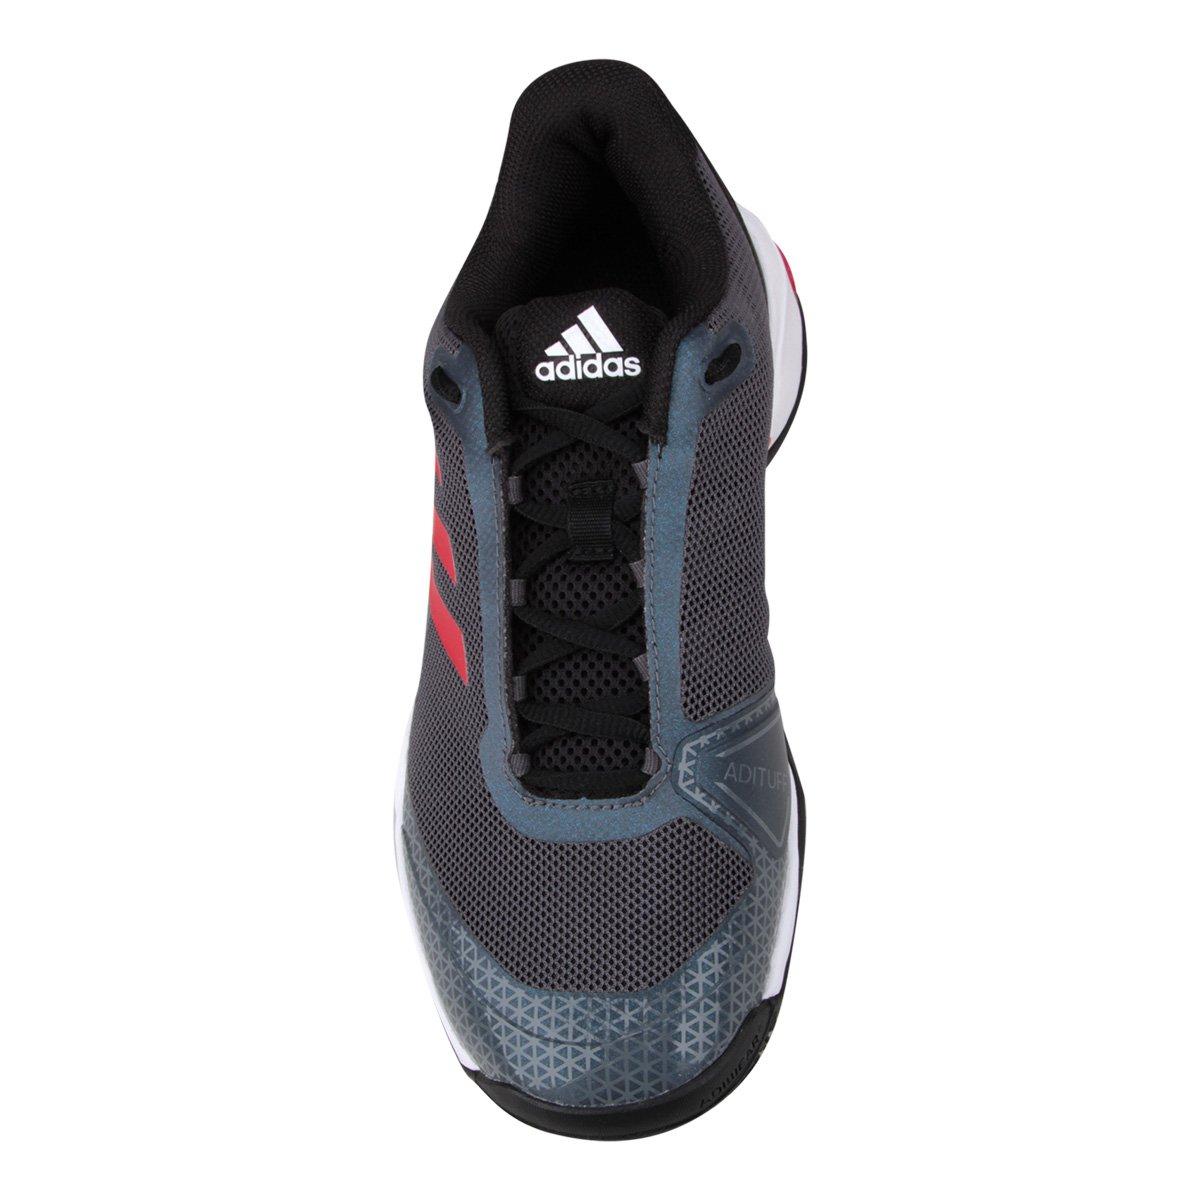 Tênis Adidas Barricade Club OC Masculino - Preto e Vermelho - Compre ... 338e58993e22f